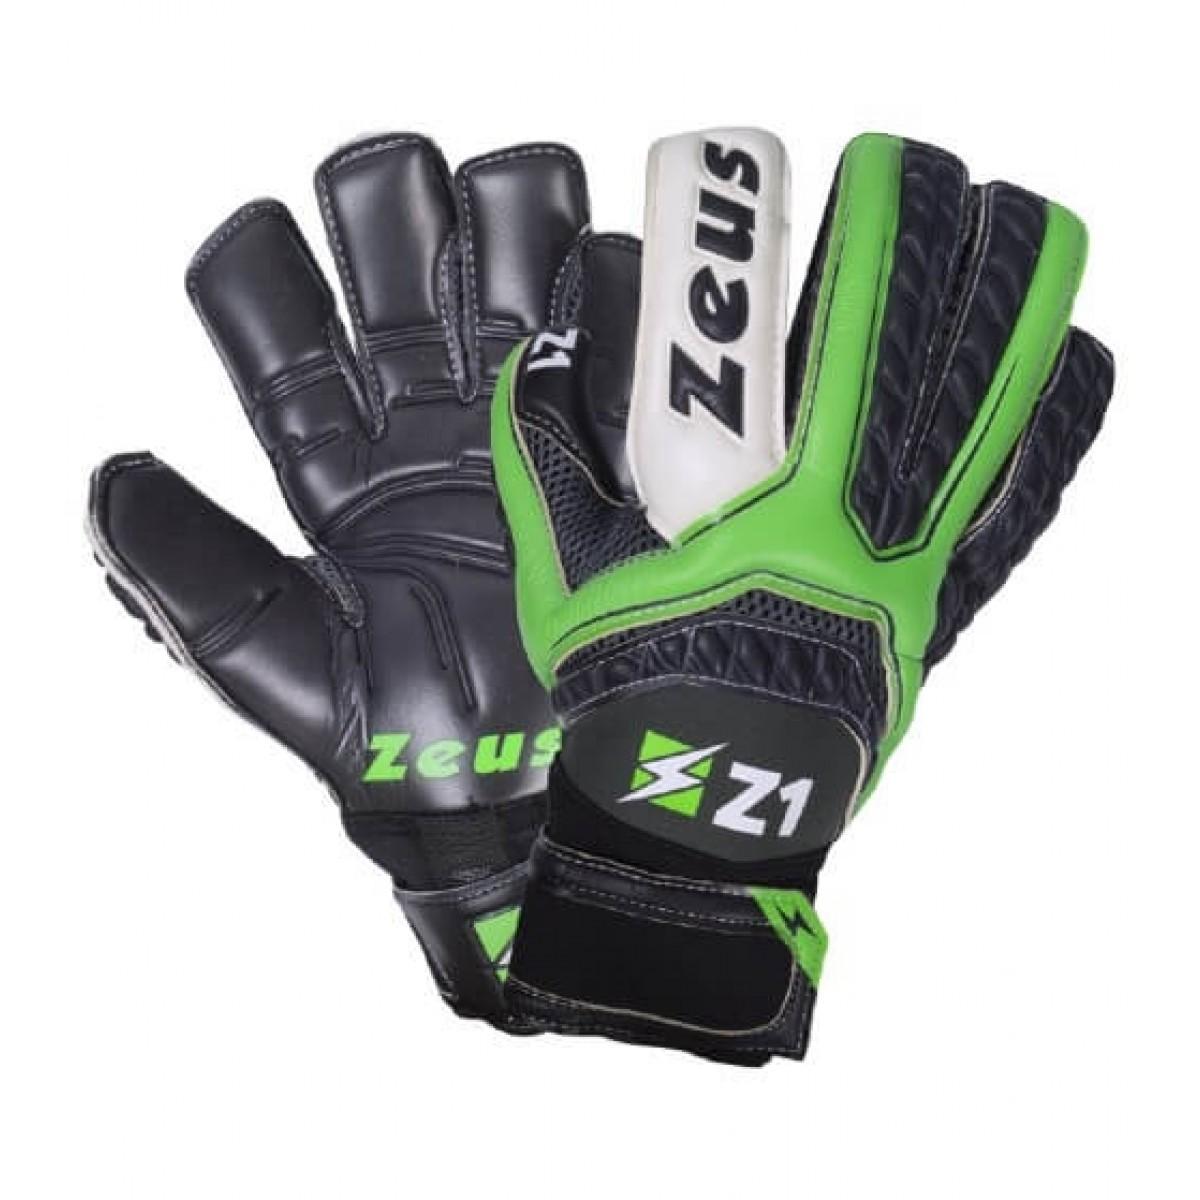 Zeus Z1 målmandshandske